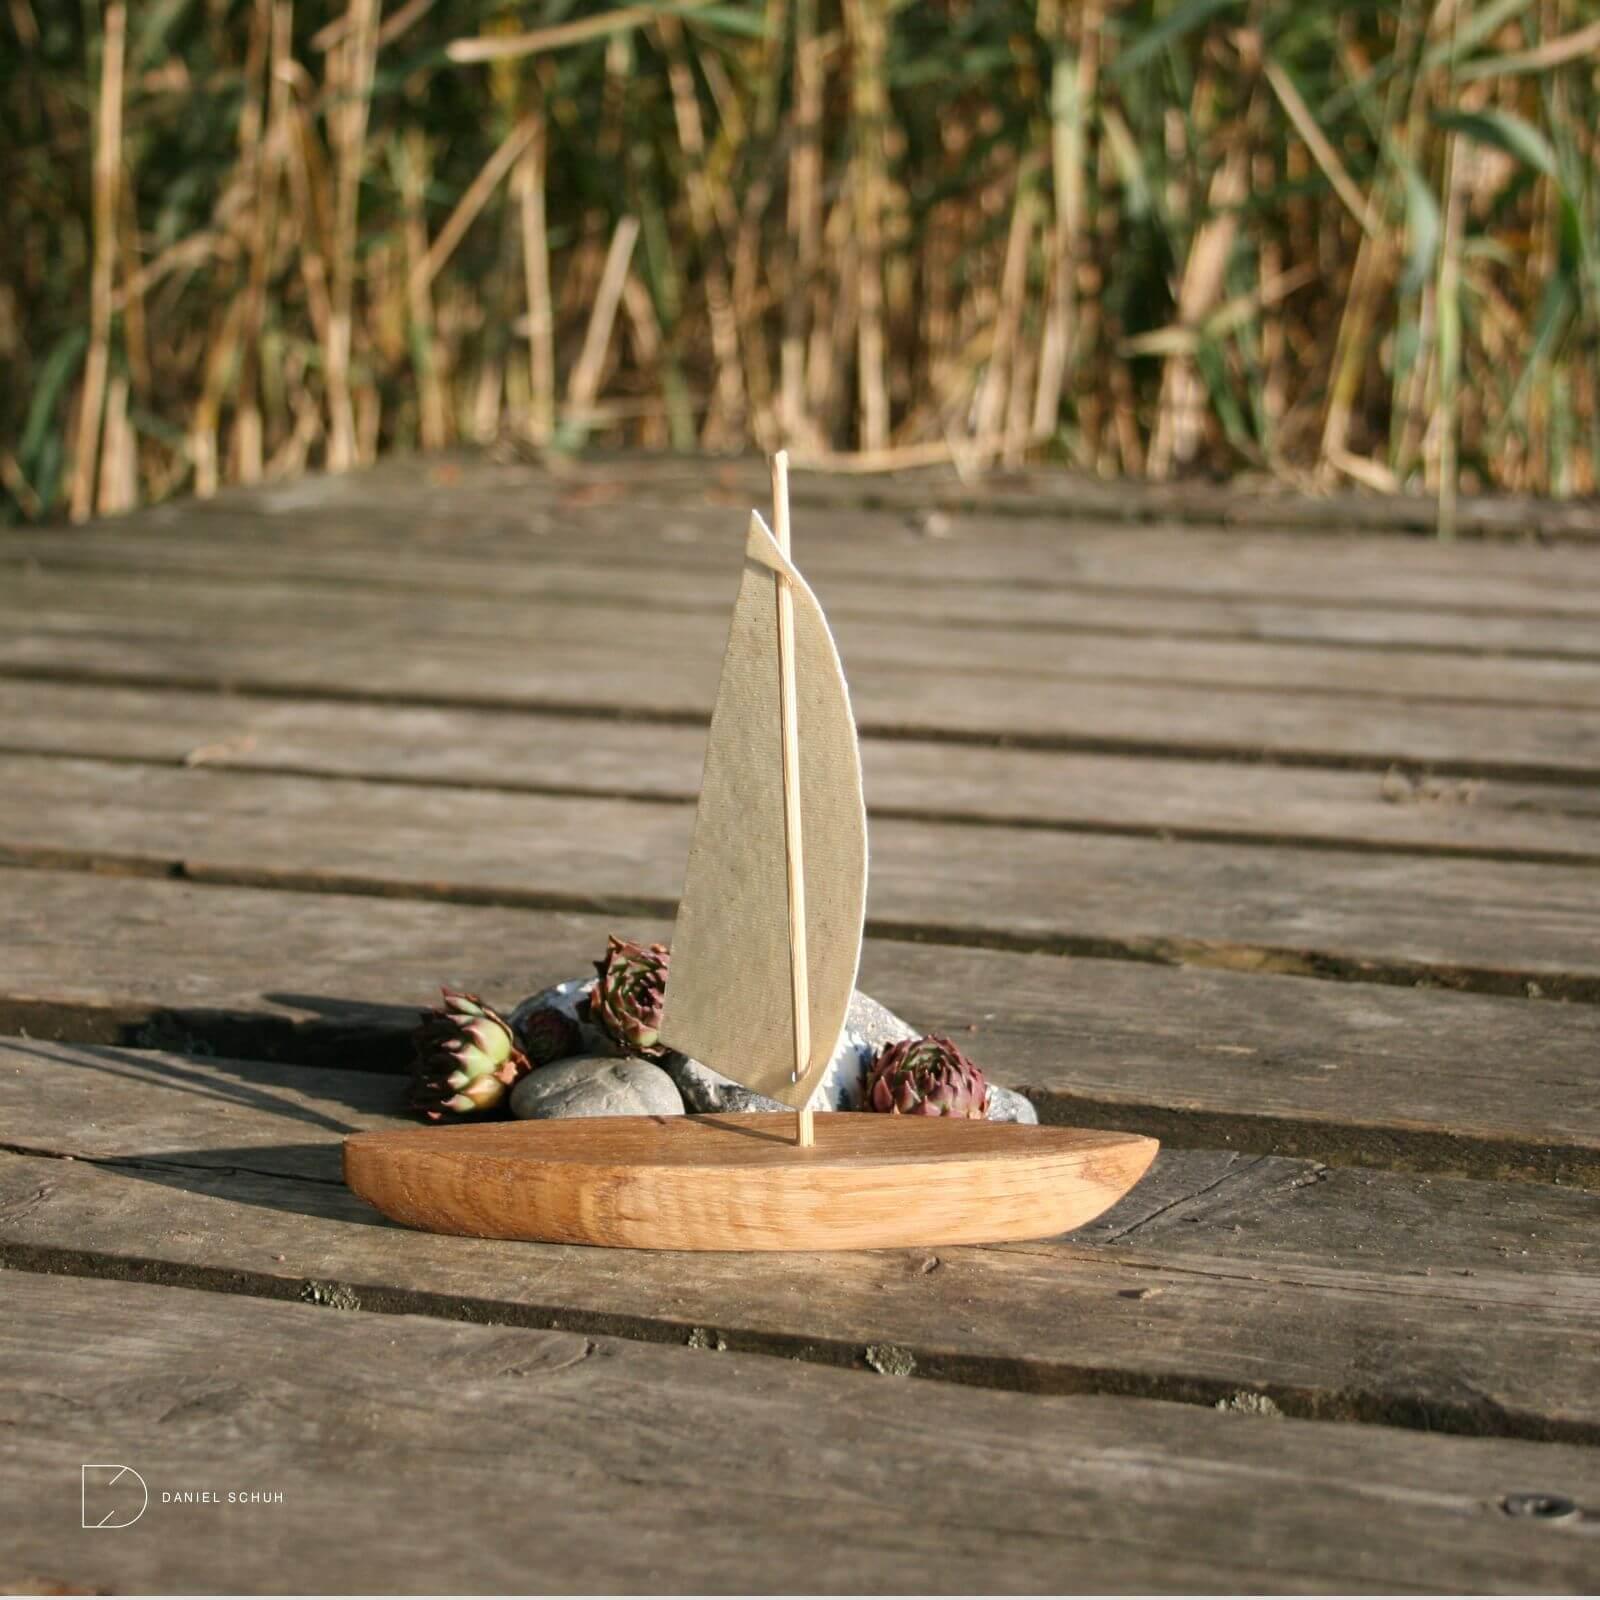 holzboot-deko-boot-segelschiff-schiffchen-segelboot-wohnideen